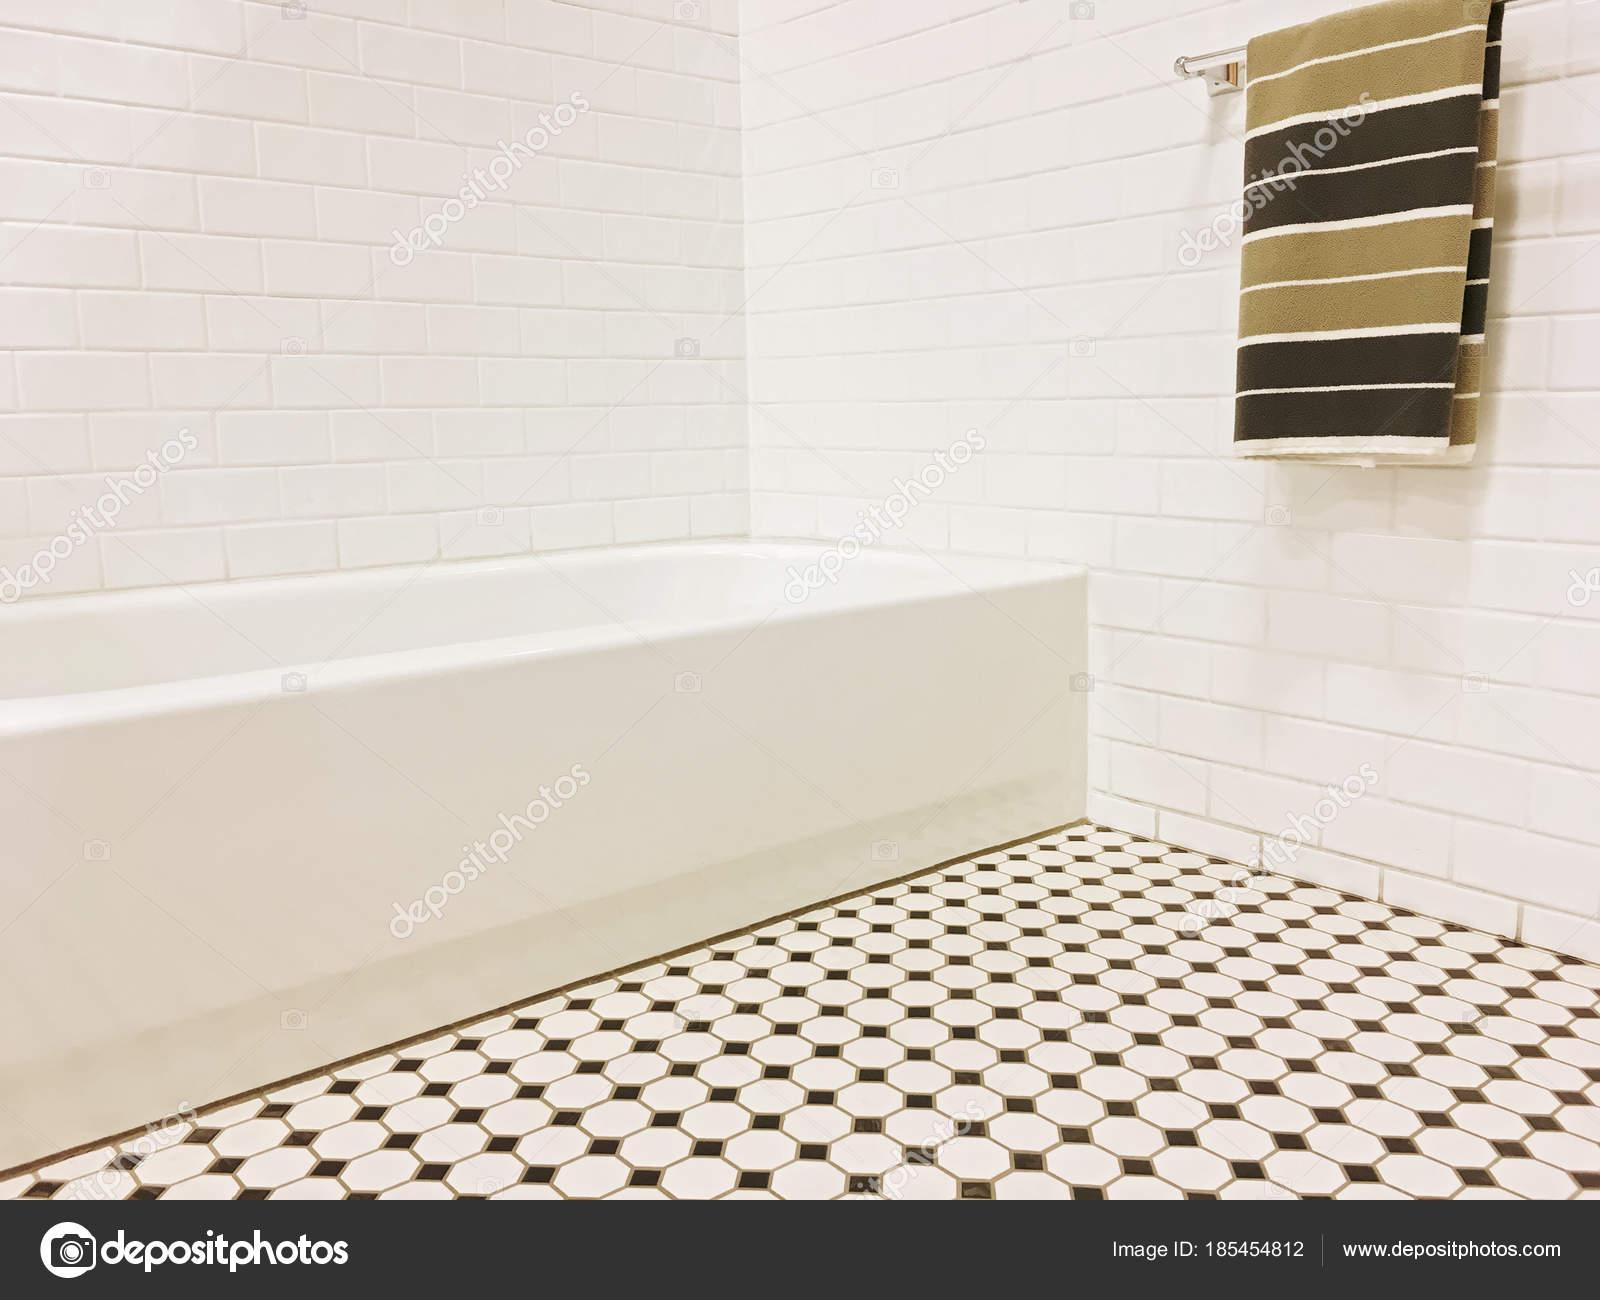 Neues Bad mit schwarzen und weißen Keramik Fliesen-Dekor — Stockfoto ...